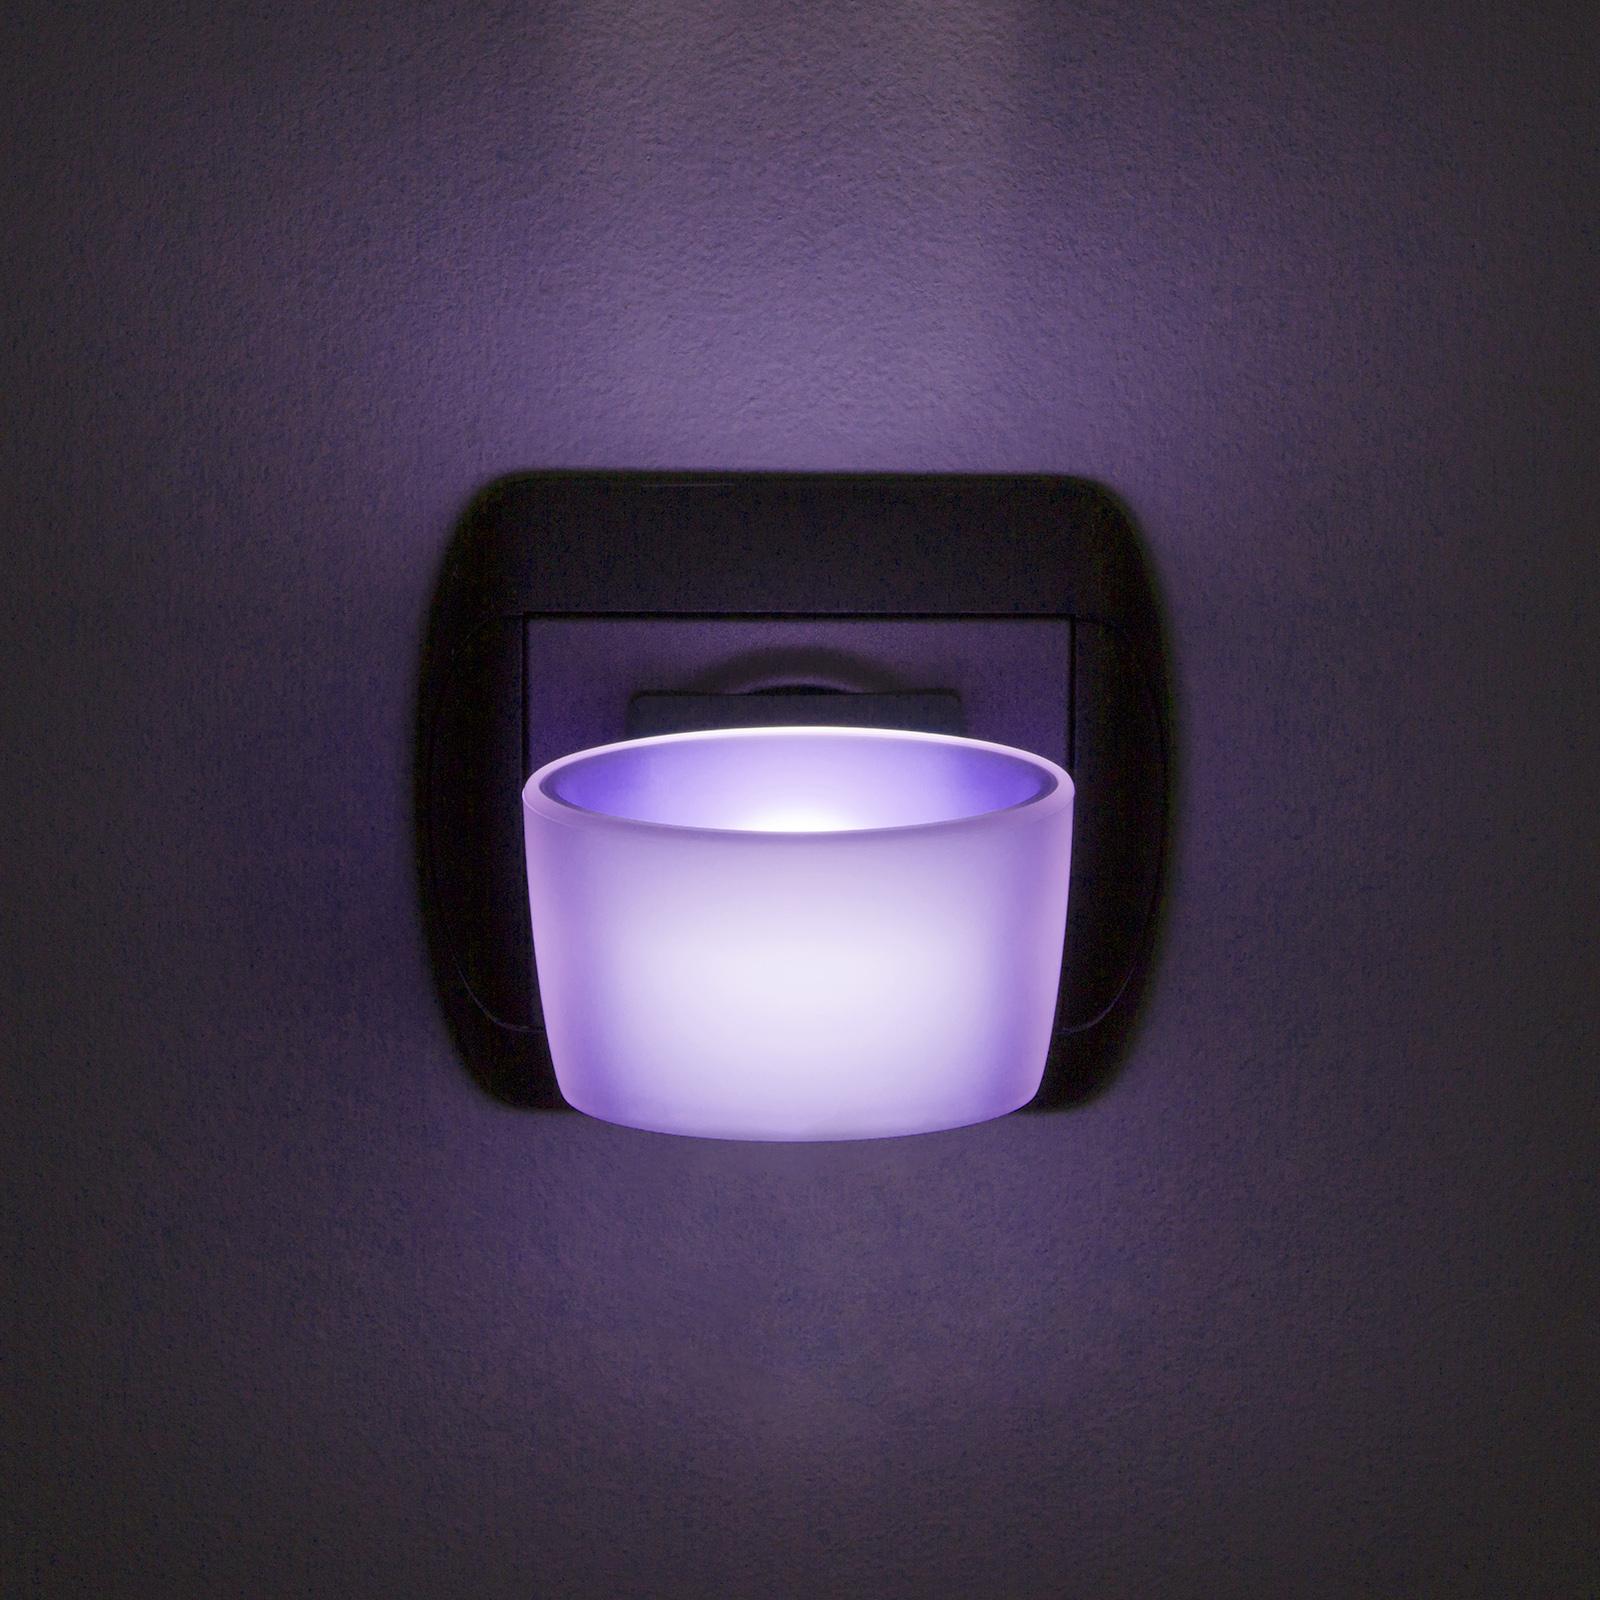 Phenom nočné pozičné svetlo s dotykovým vypínačom 1399d5b090d